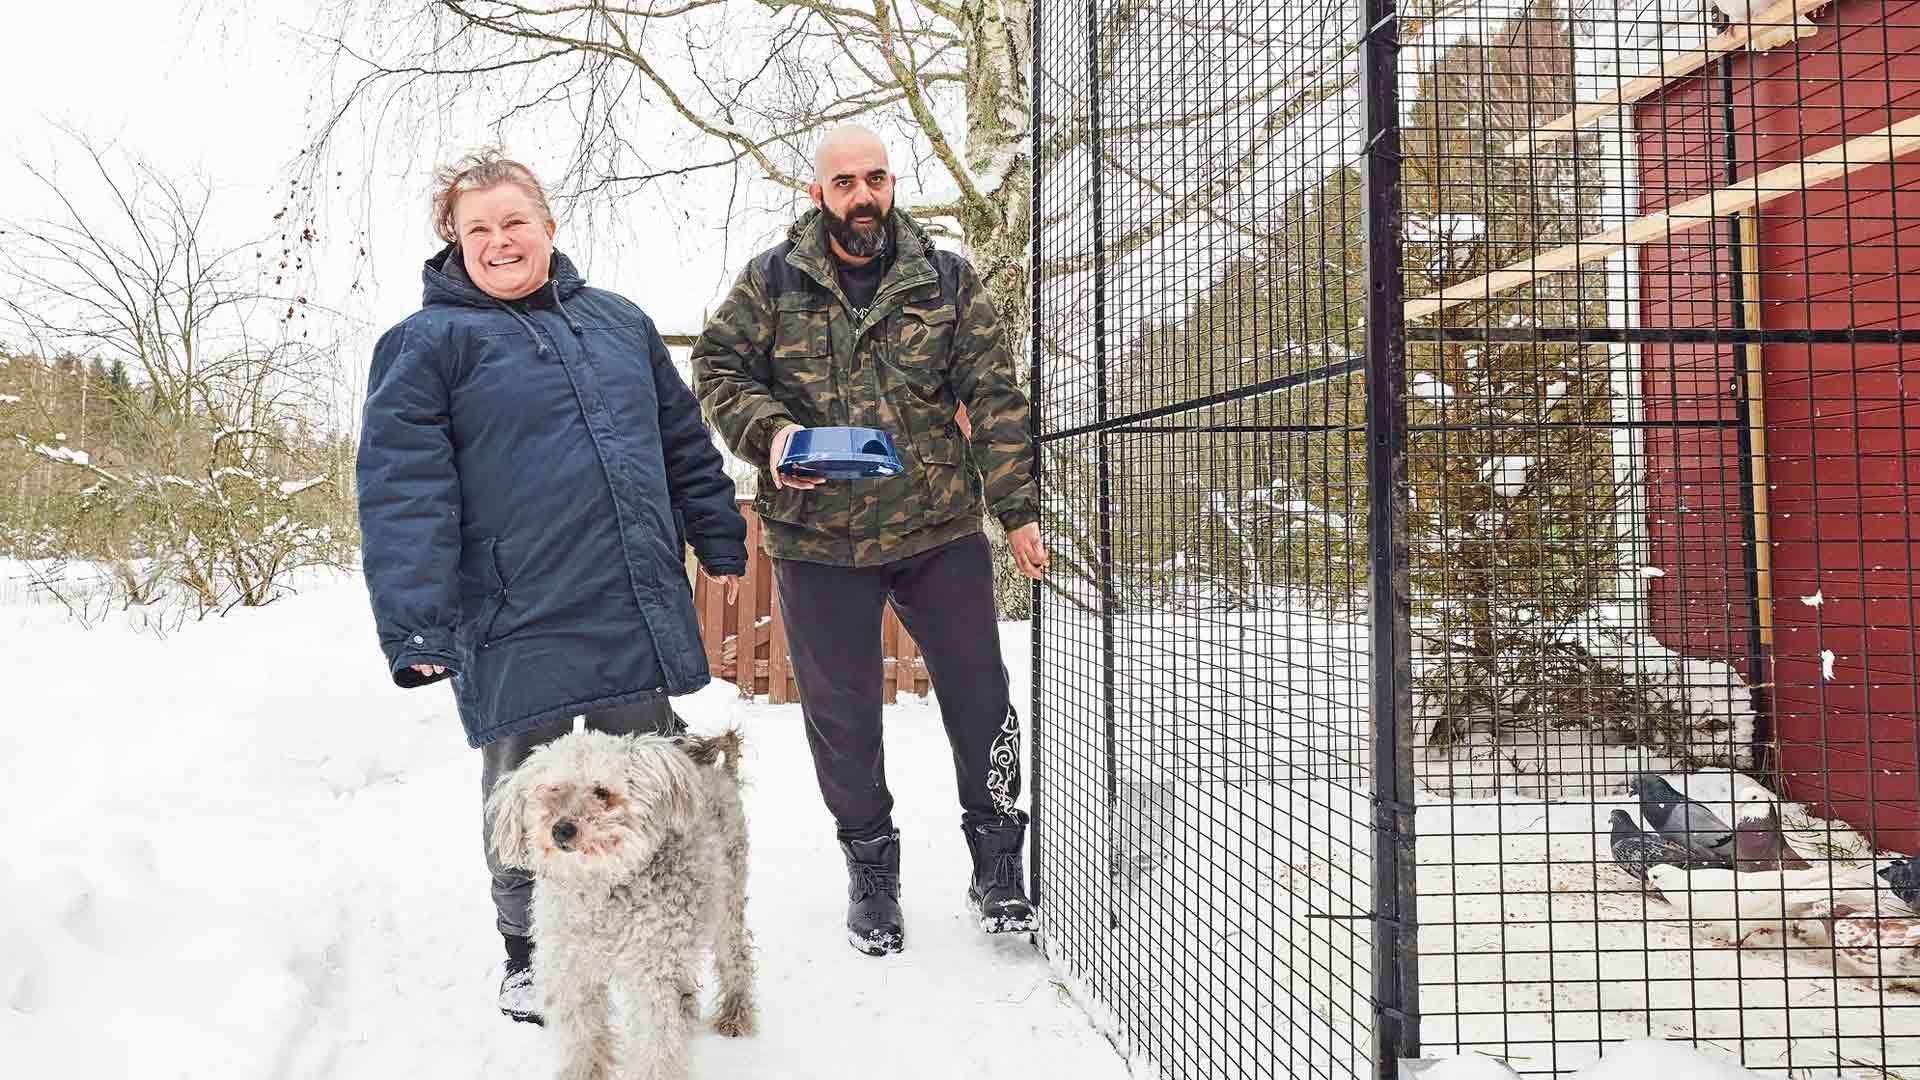 Hanna ja Bahaa Al-Saedi ovat hitsautuneet yhteen. Eläinten hoitaminen on yhteinen juttu. Mukana menossa on aina myös Usva-koira.